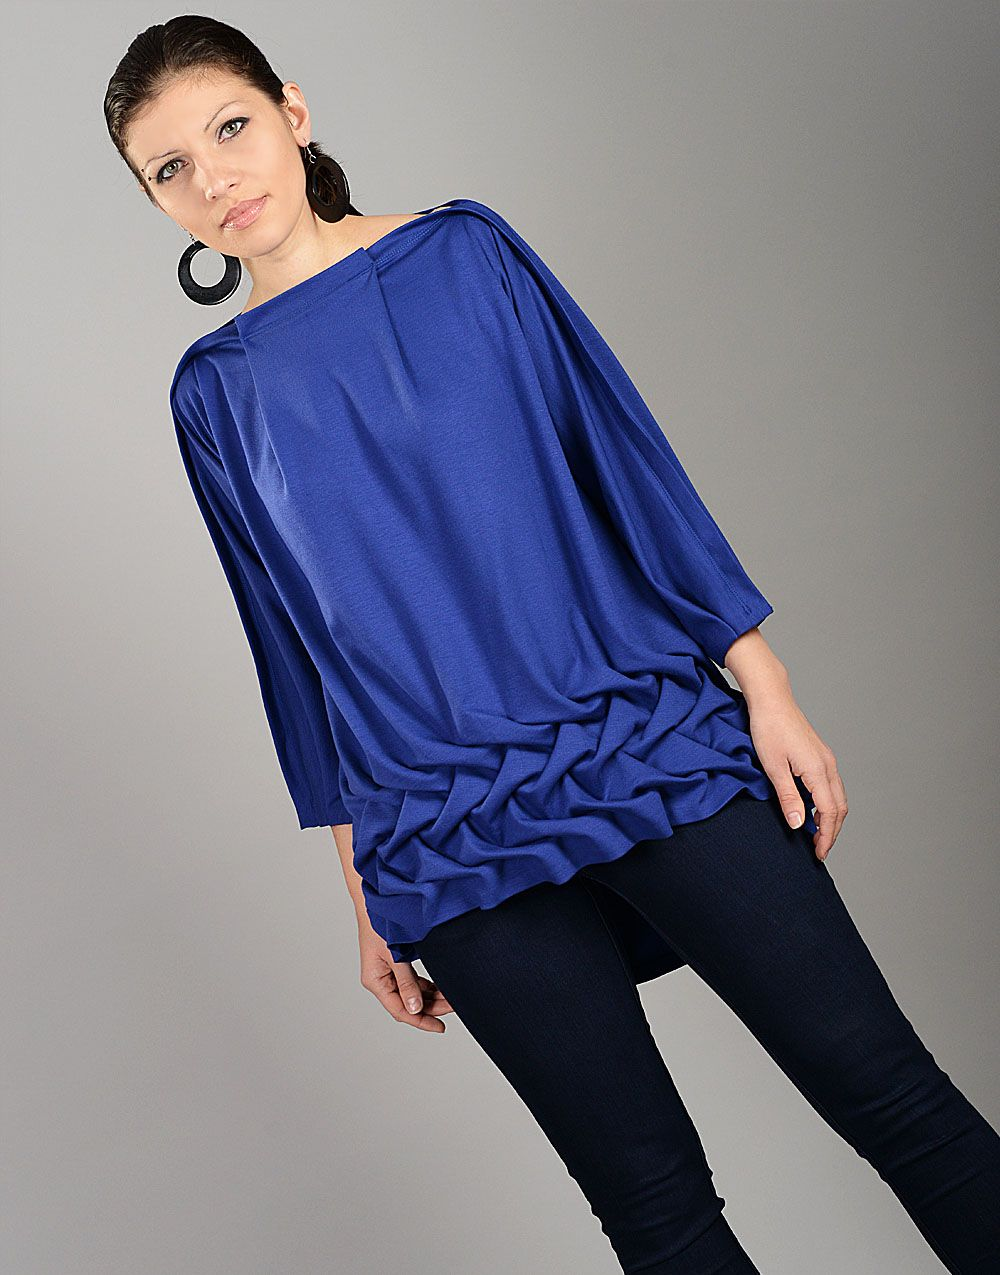 f9c6826e98045 Cobalt Blue Top